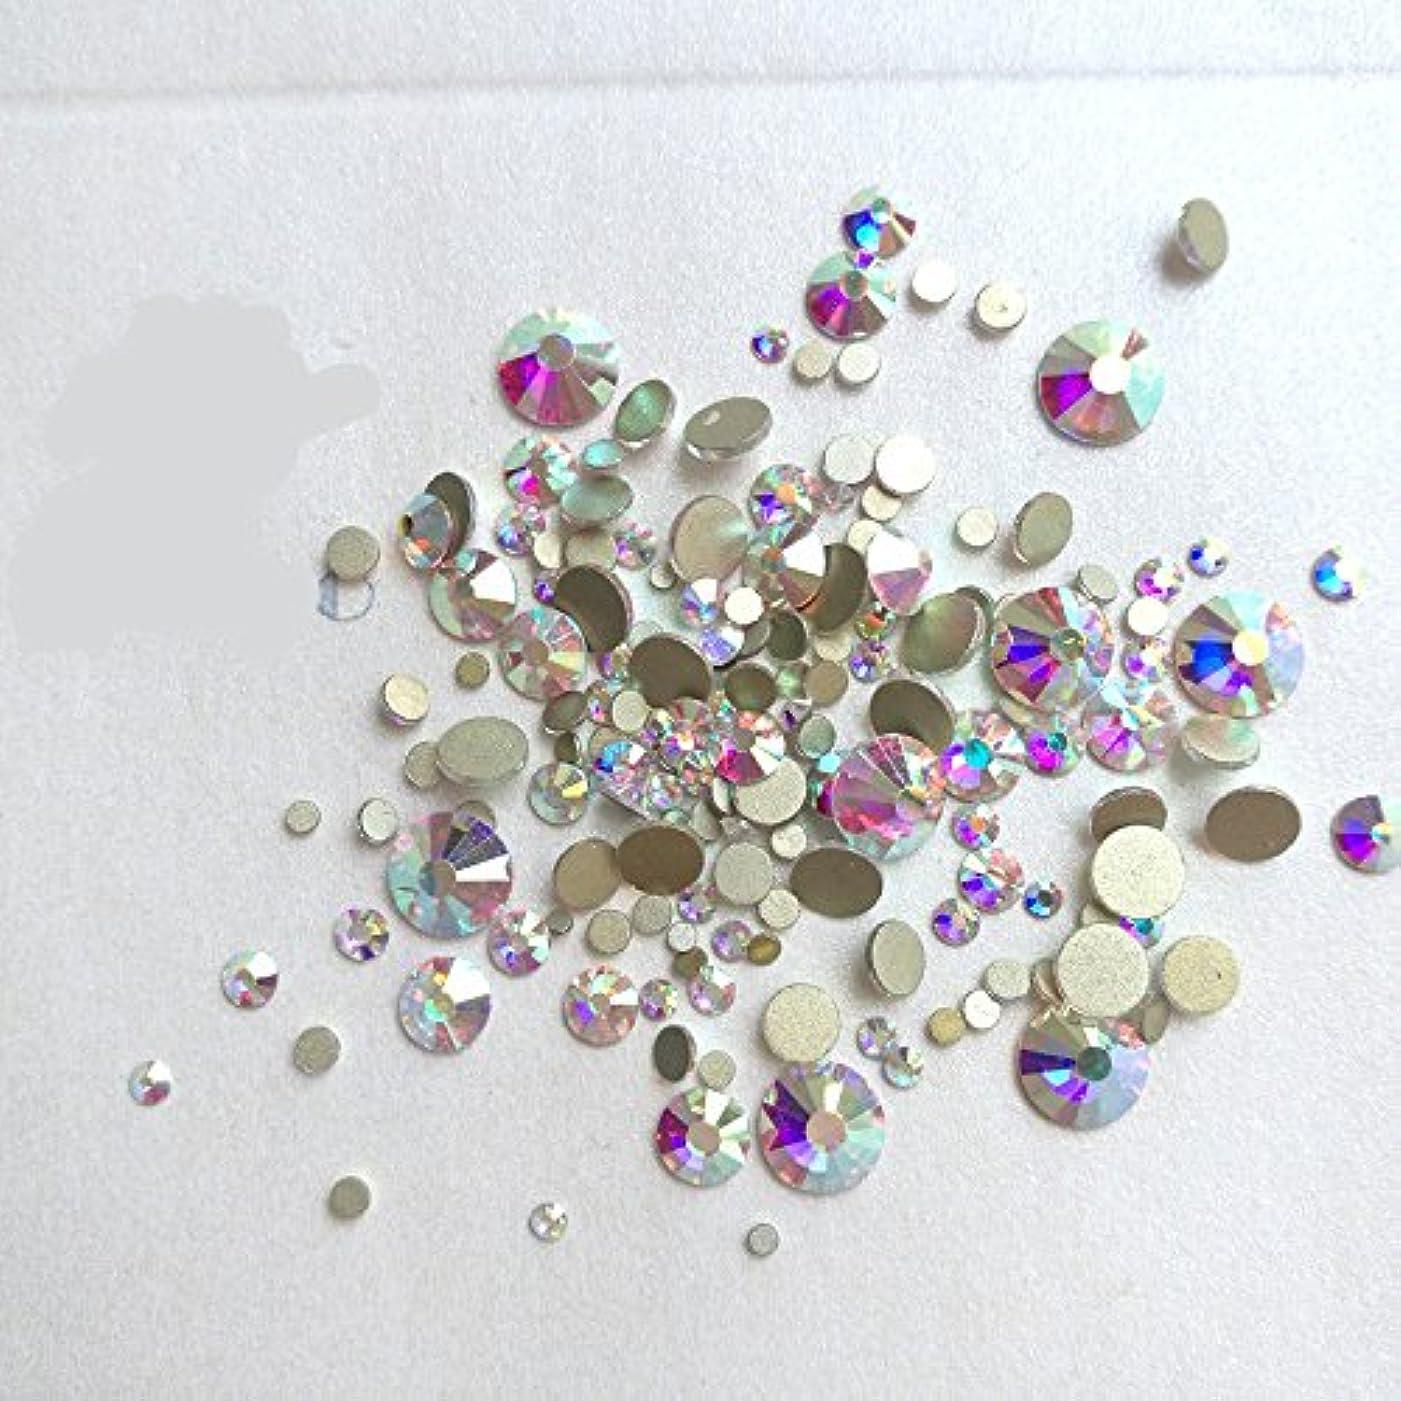 ムス不定繰り返しガラス製ラインストーン クリスタルAB 各サイズ選択可能(4.8mm (SS20) 約1440粒) [並行輸入品]